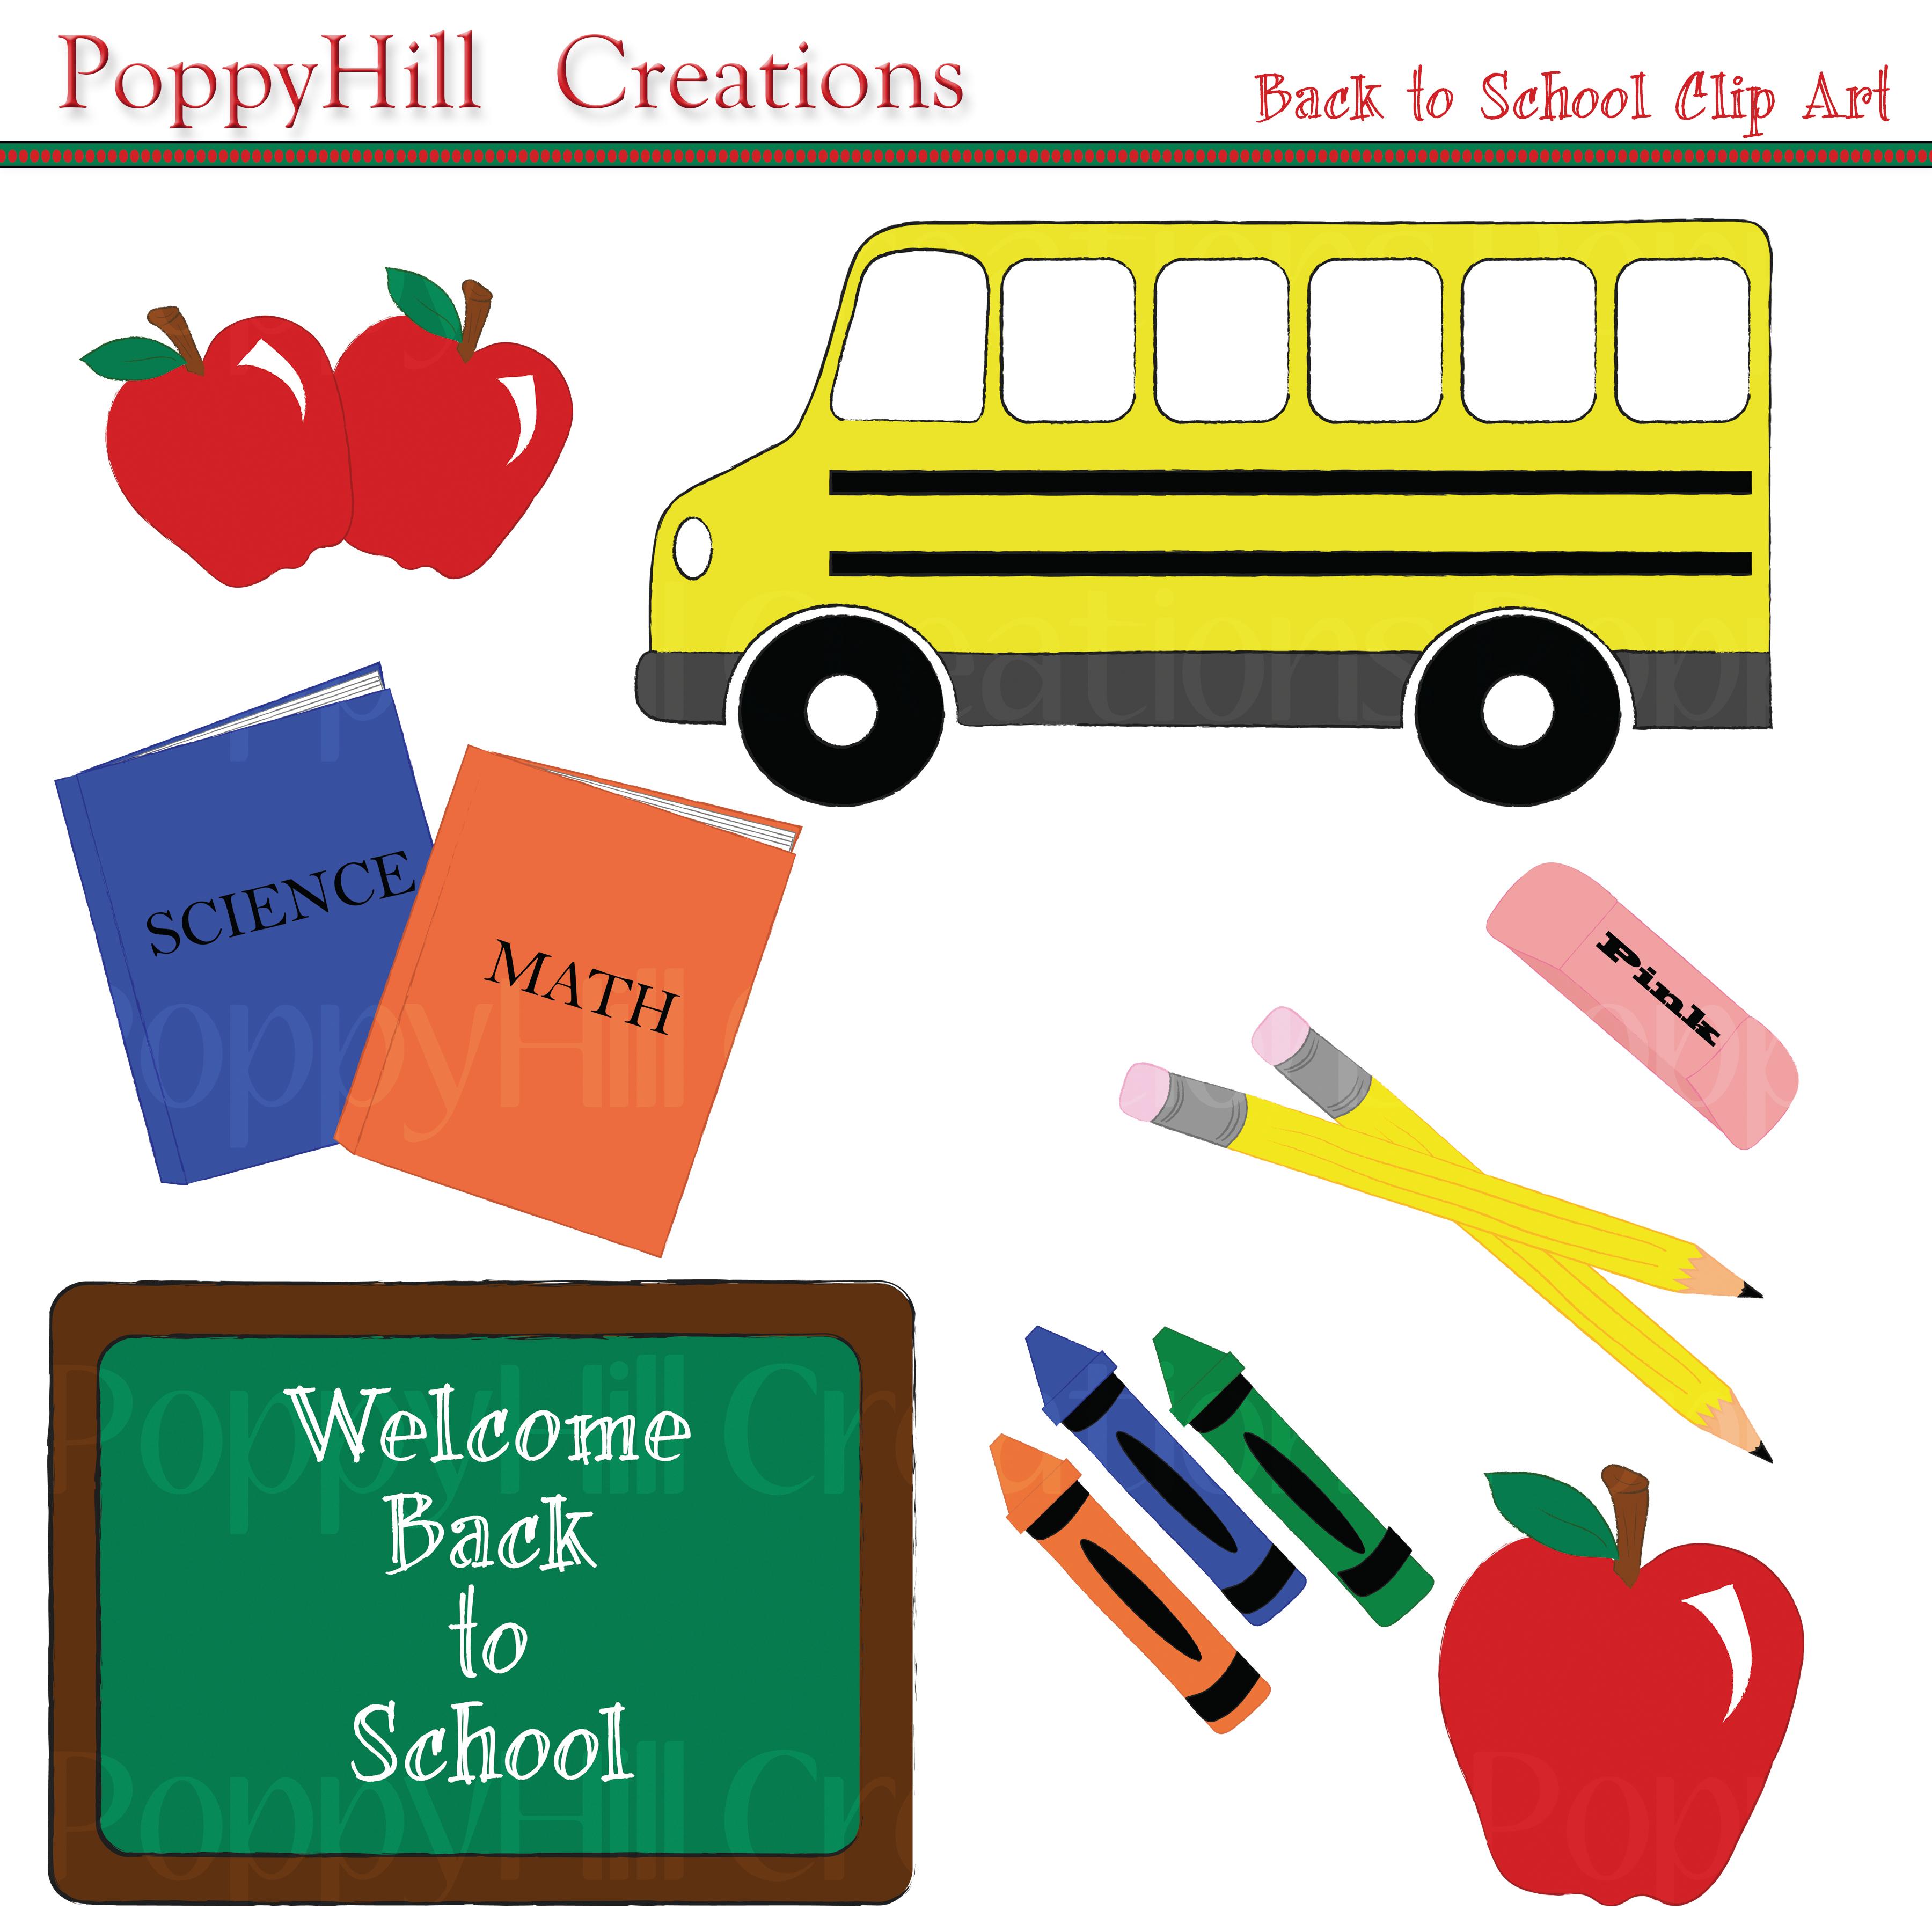 August clipart teacher. Clip art poppyhill creations